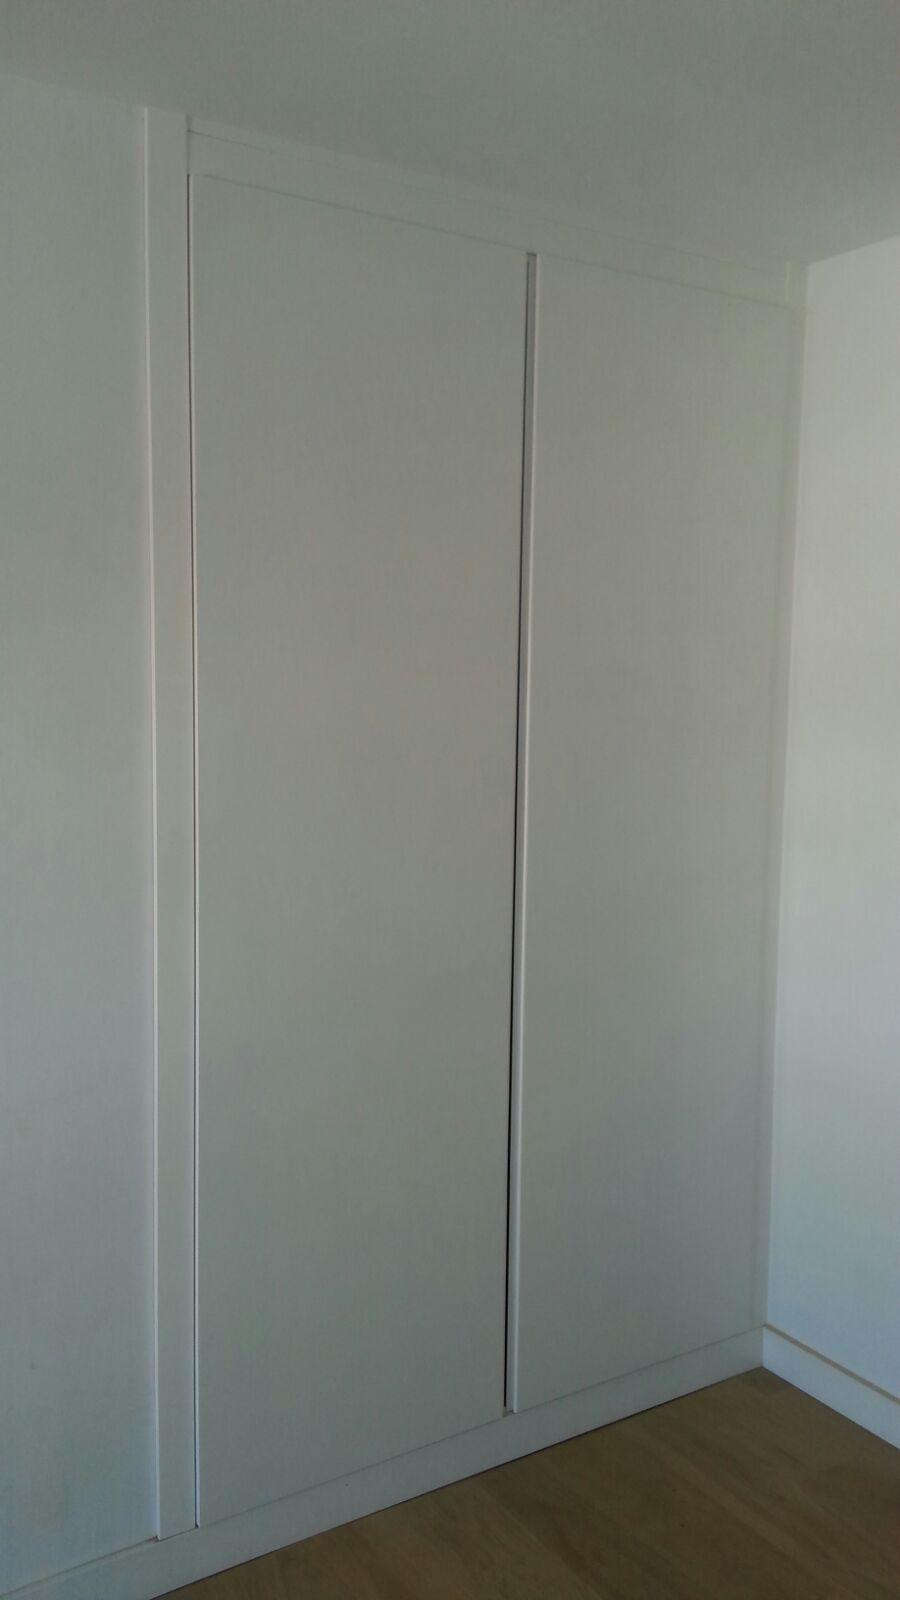 En DeArmario Abatible Lacado Frente Blanco Con u1TJKc3lF